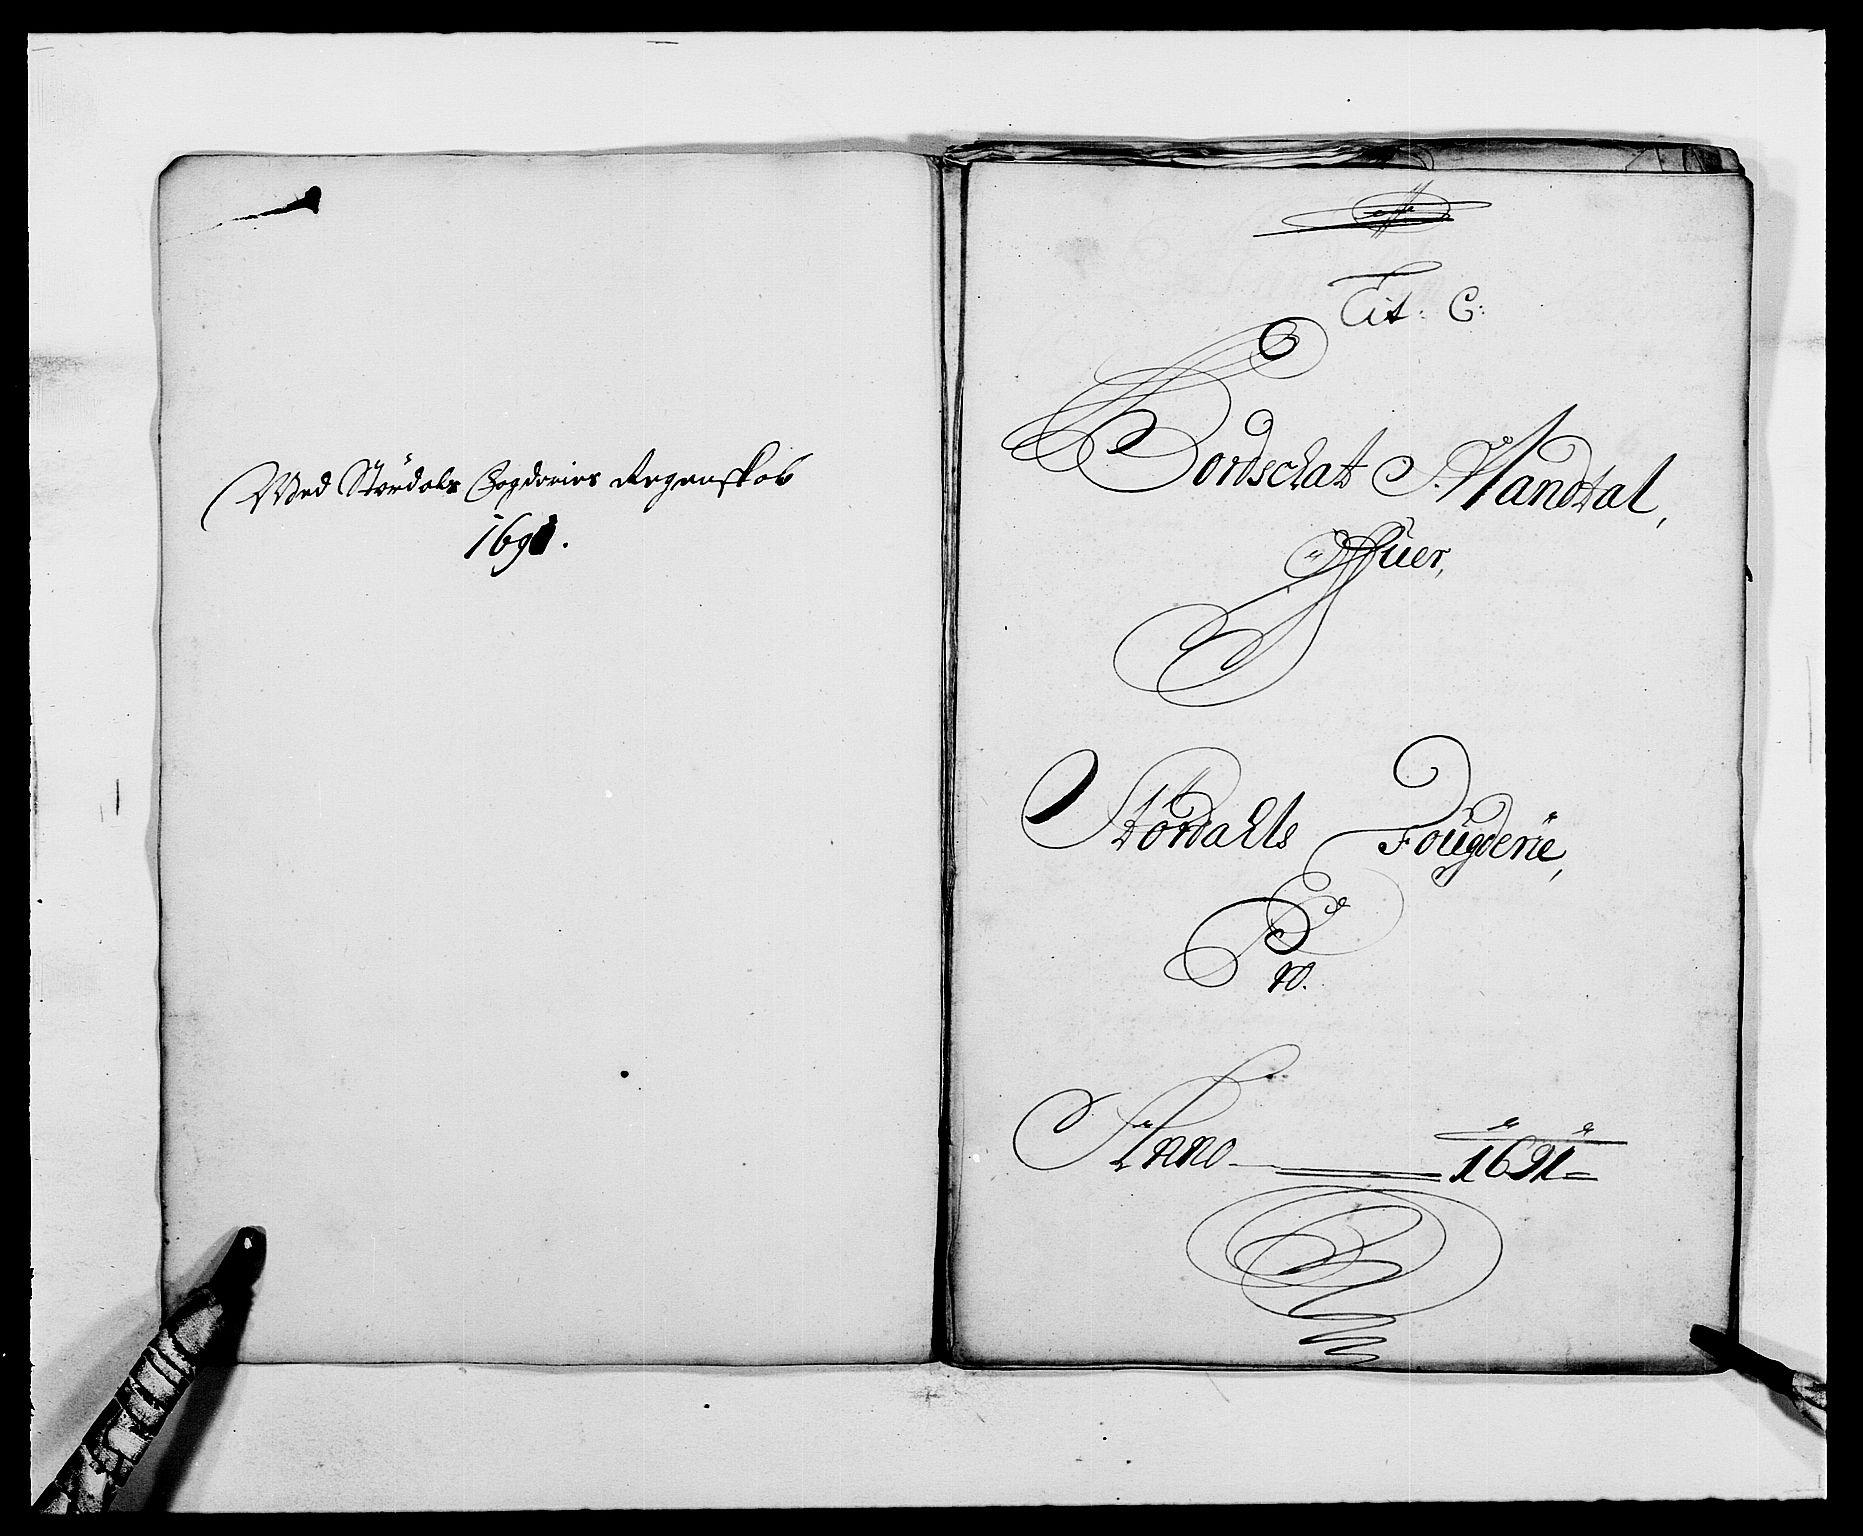 RA, Rentekammeret inntil 1814, Reviderte regnskaper, Fogderegnskap, R62/L4184: Fogderegnskap Stjørdal og Verdal, 1690-1691, s. 309